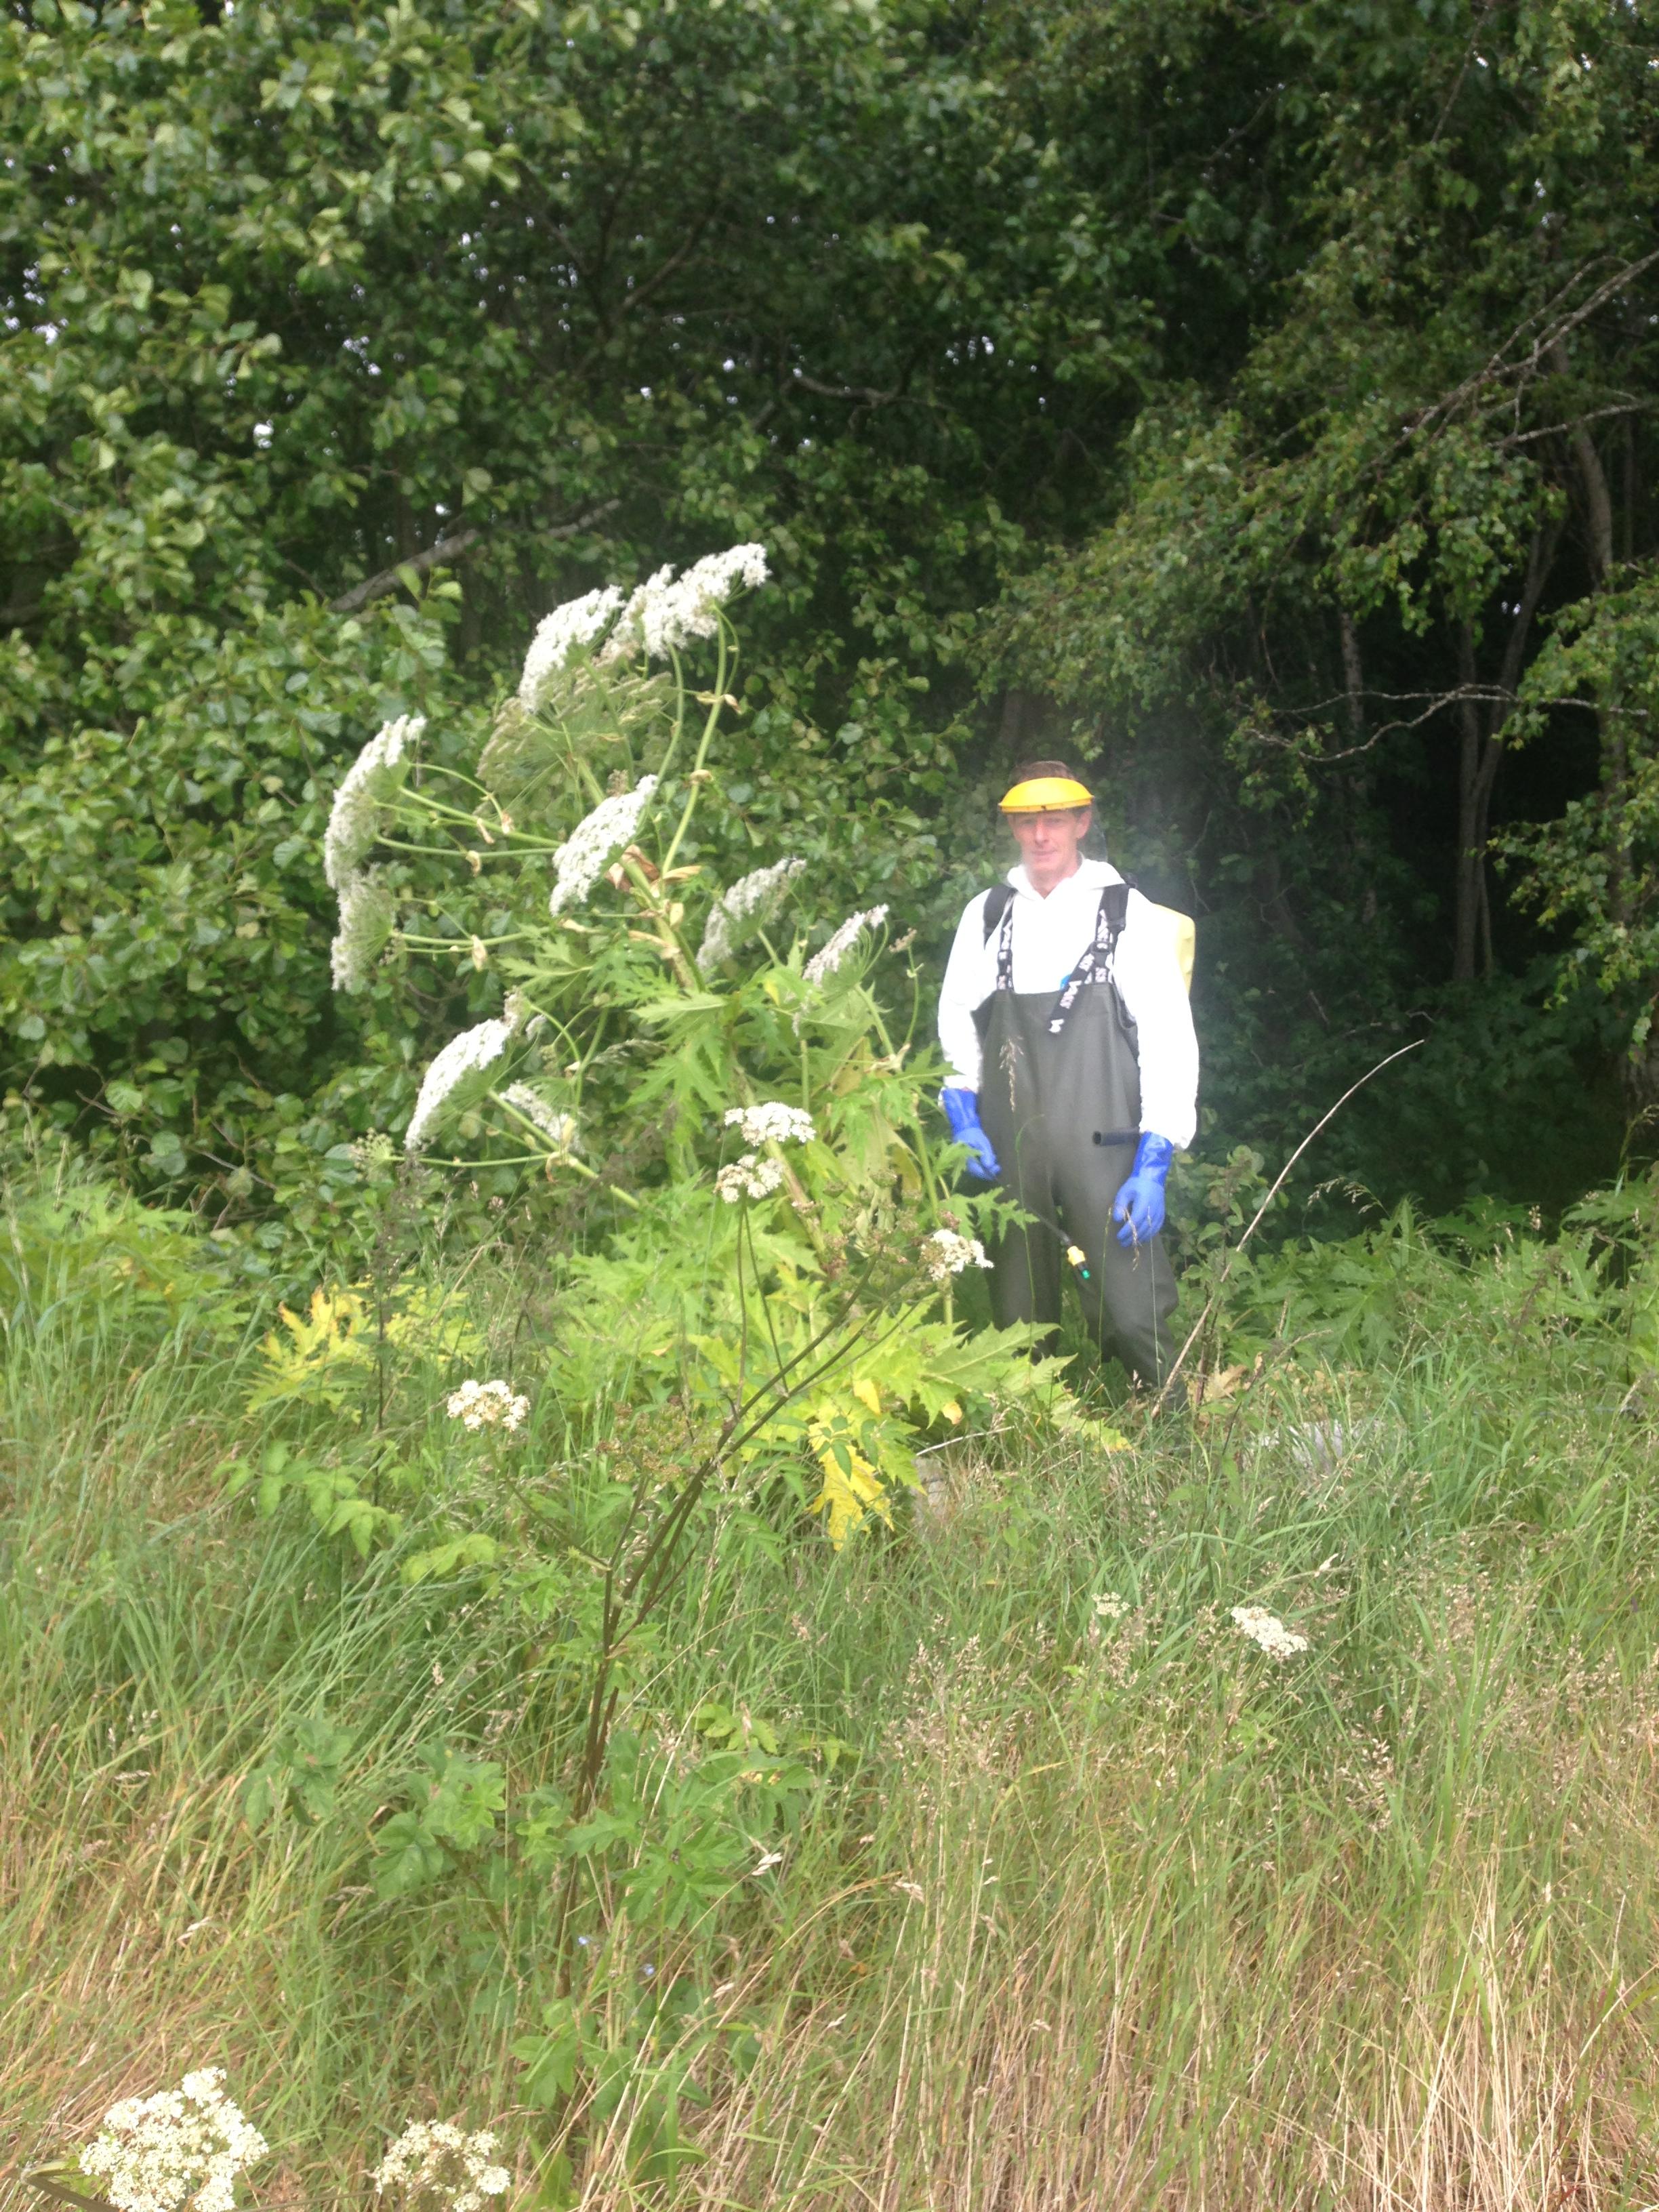 Giant hogweed in full flower